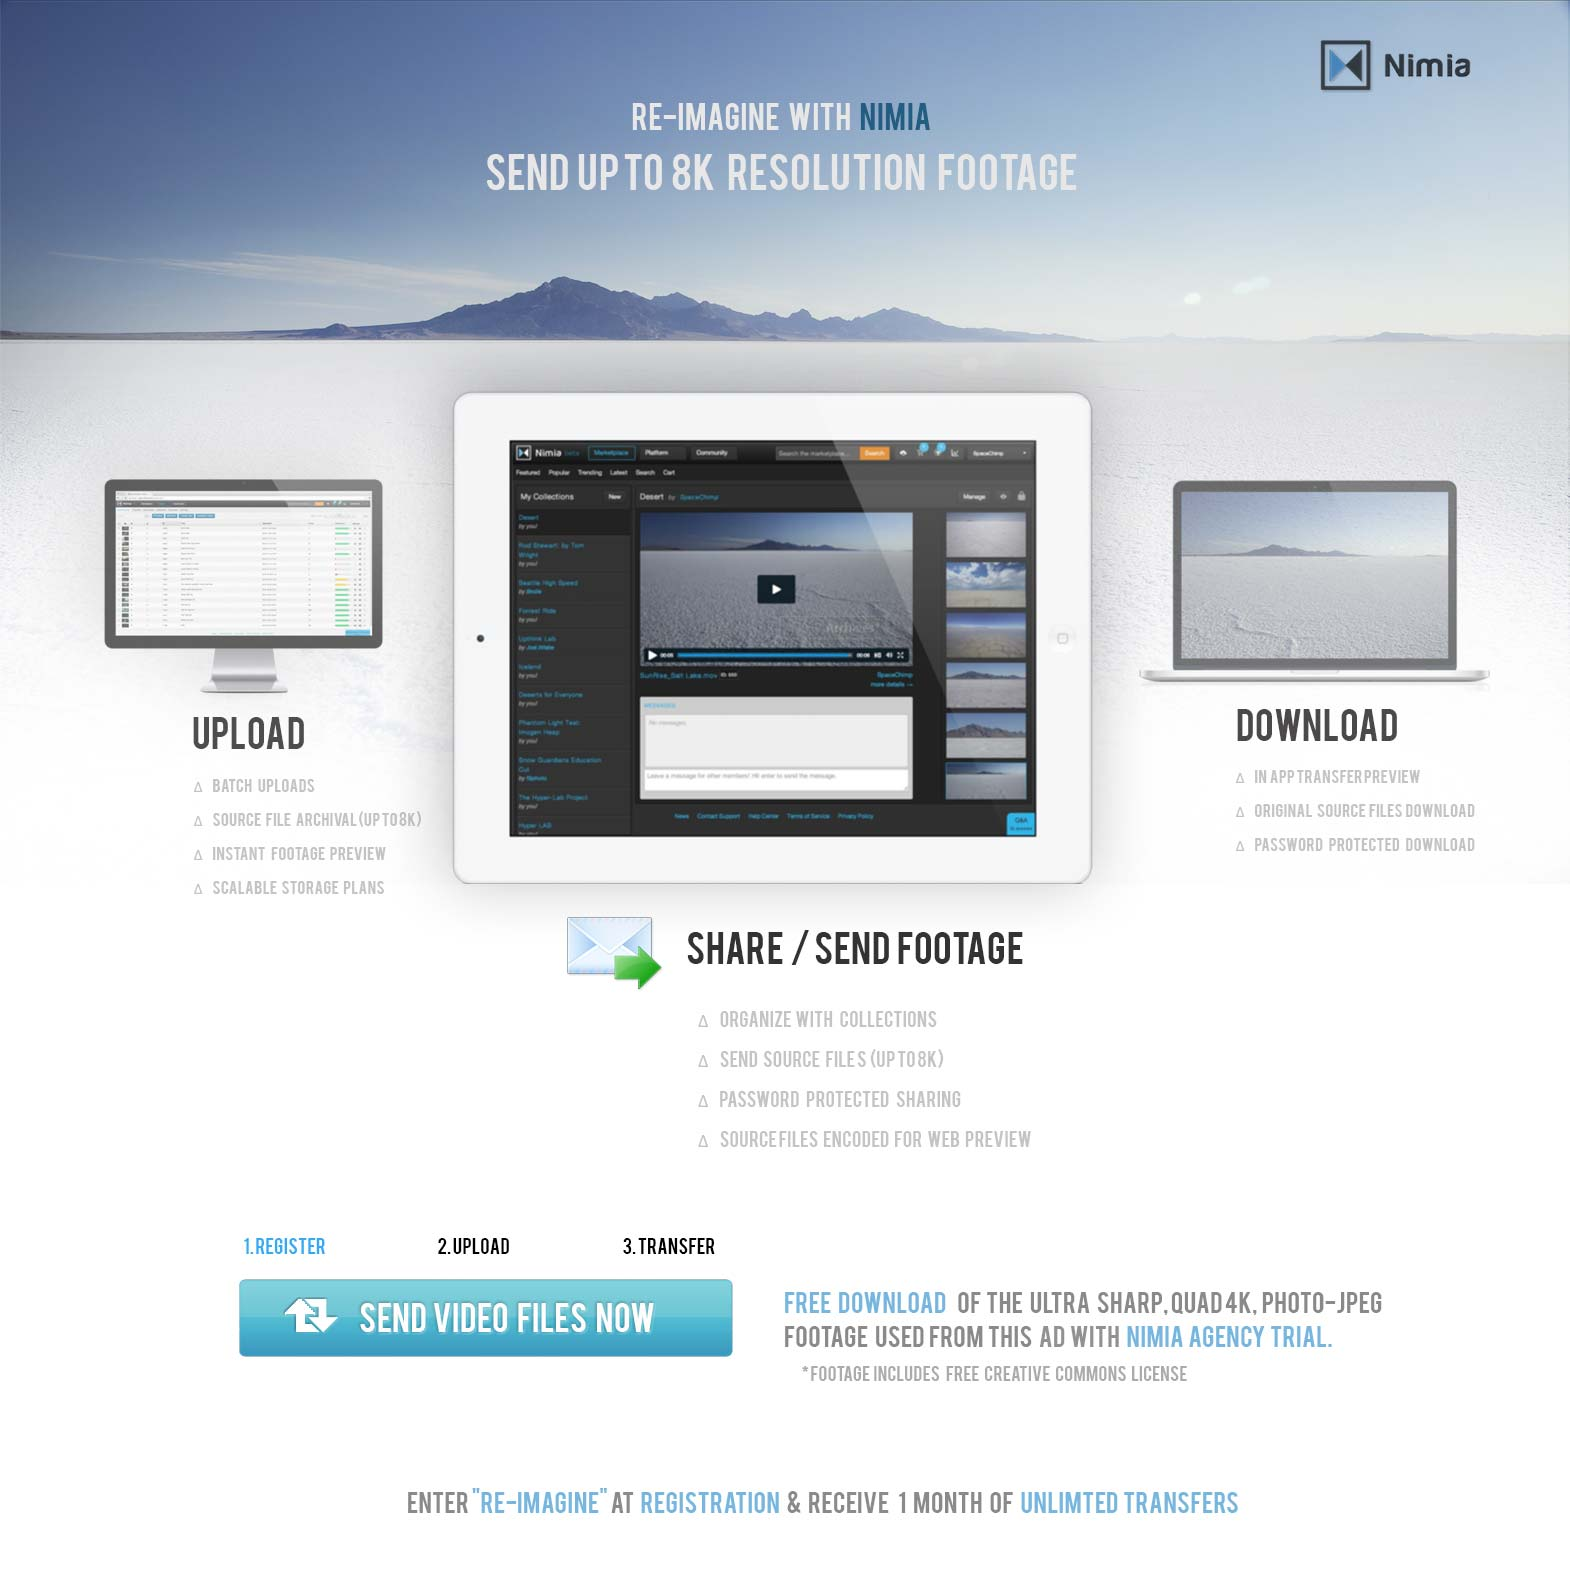 Nimia_Re-imagine_send video_ transfer video